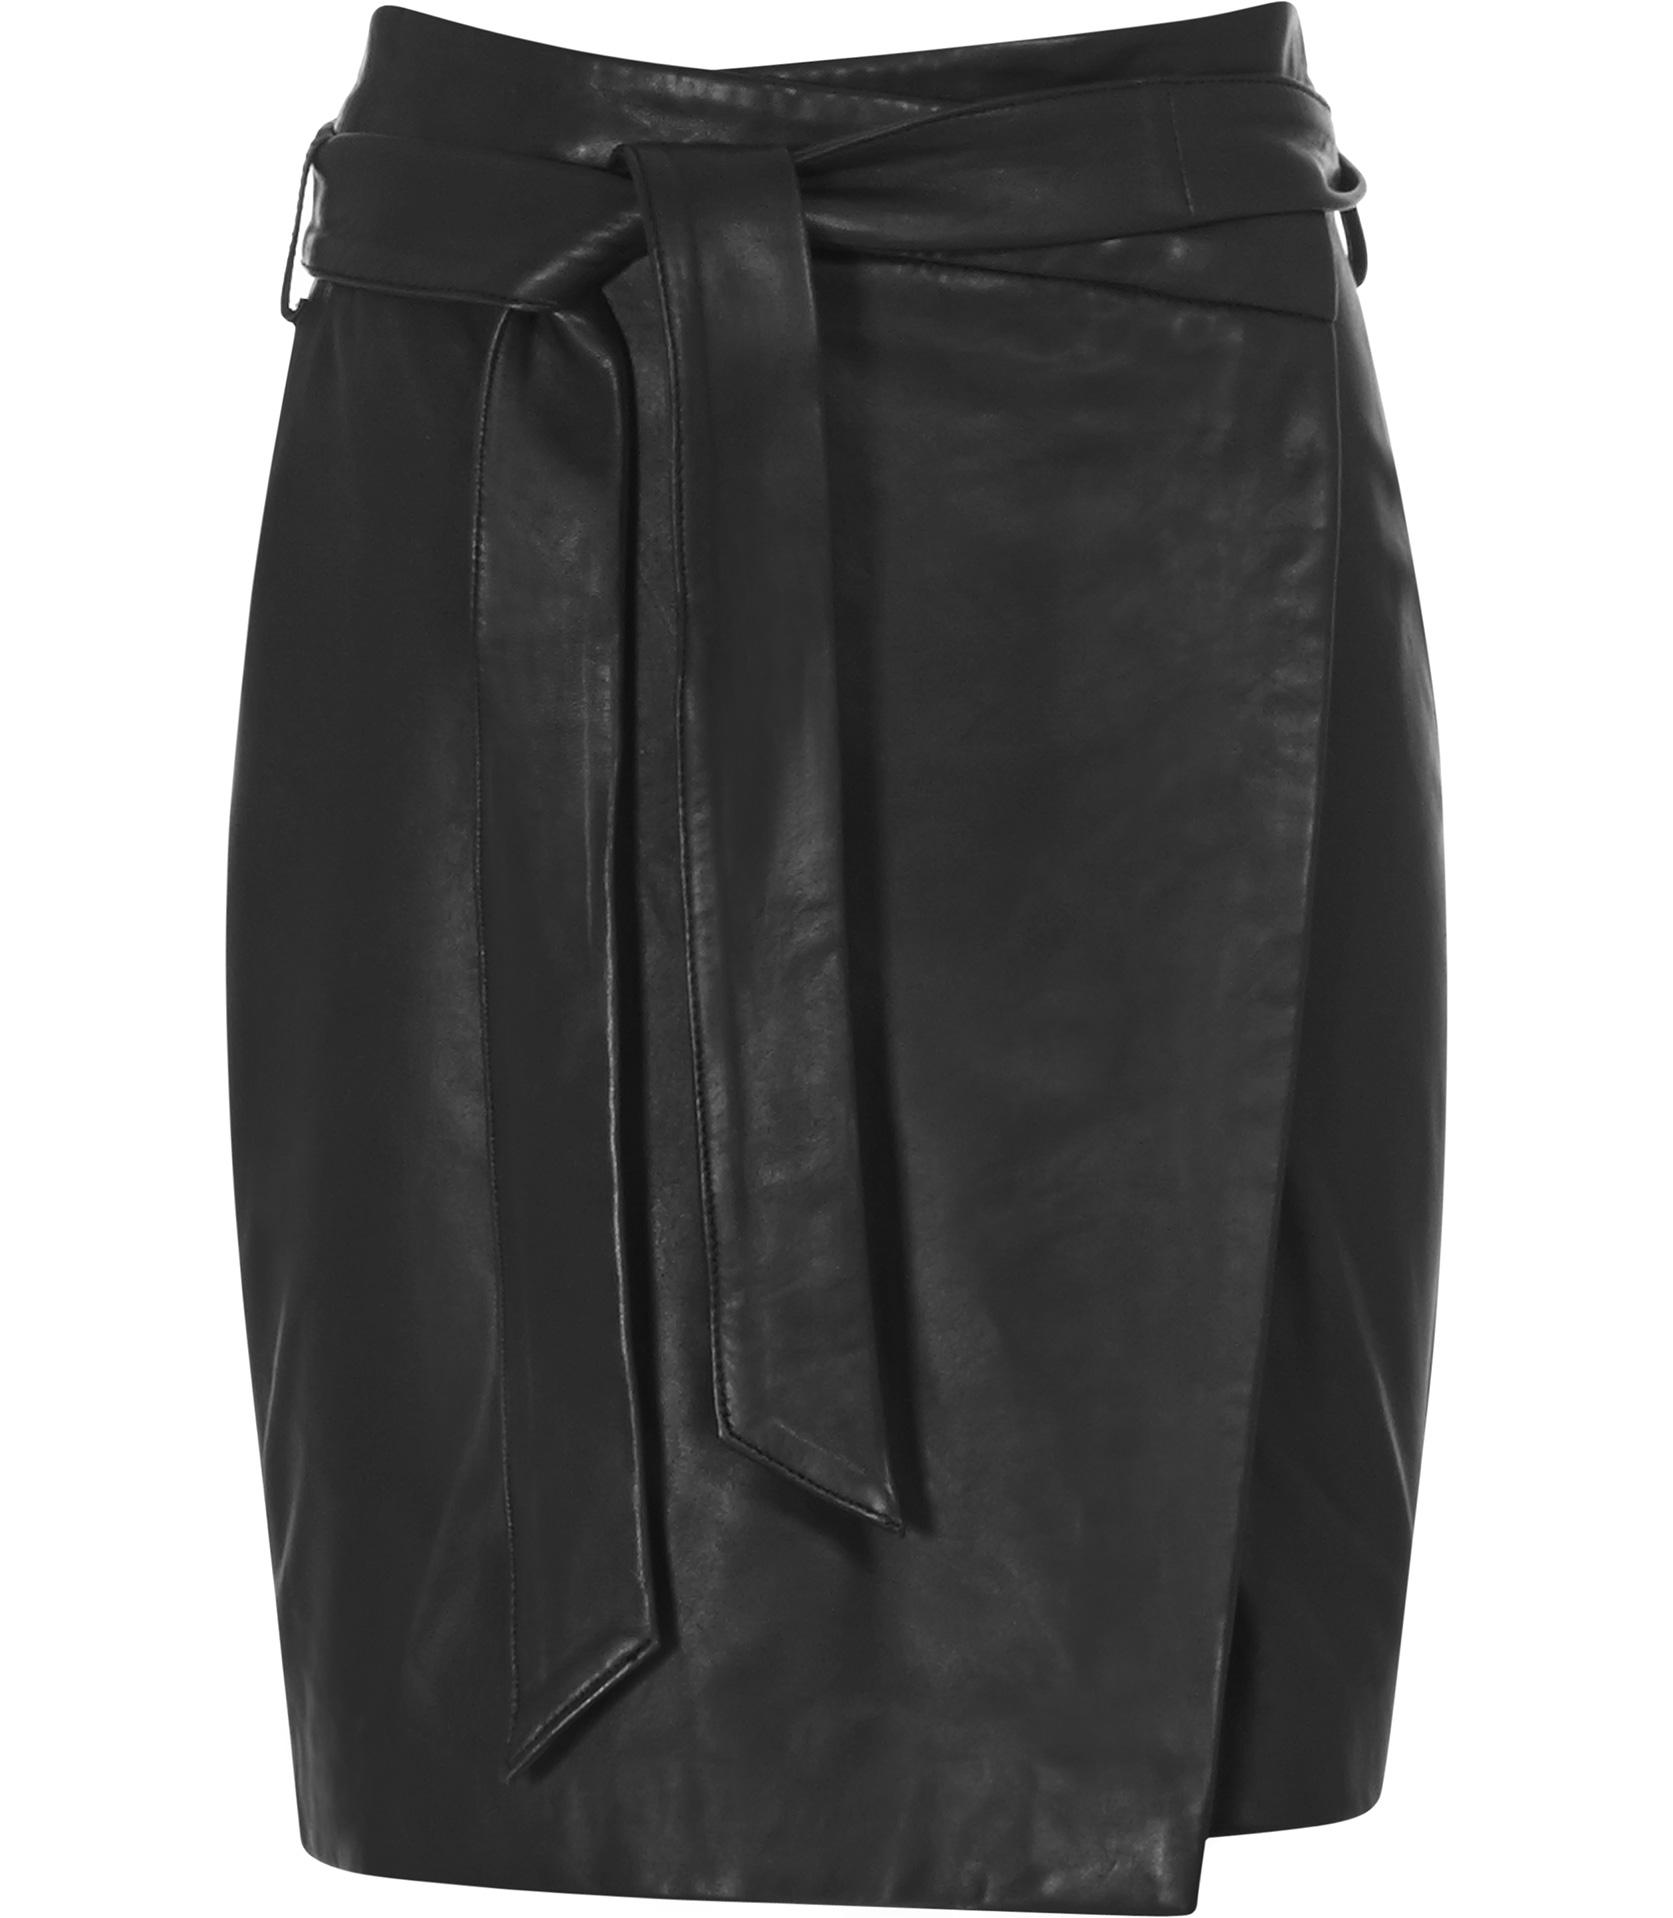 Reiss Merron Leather Wrap Skirt in Black | Lyst